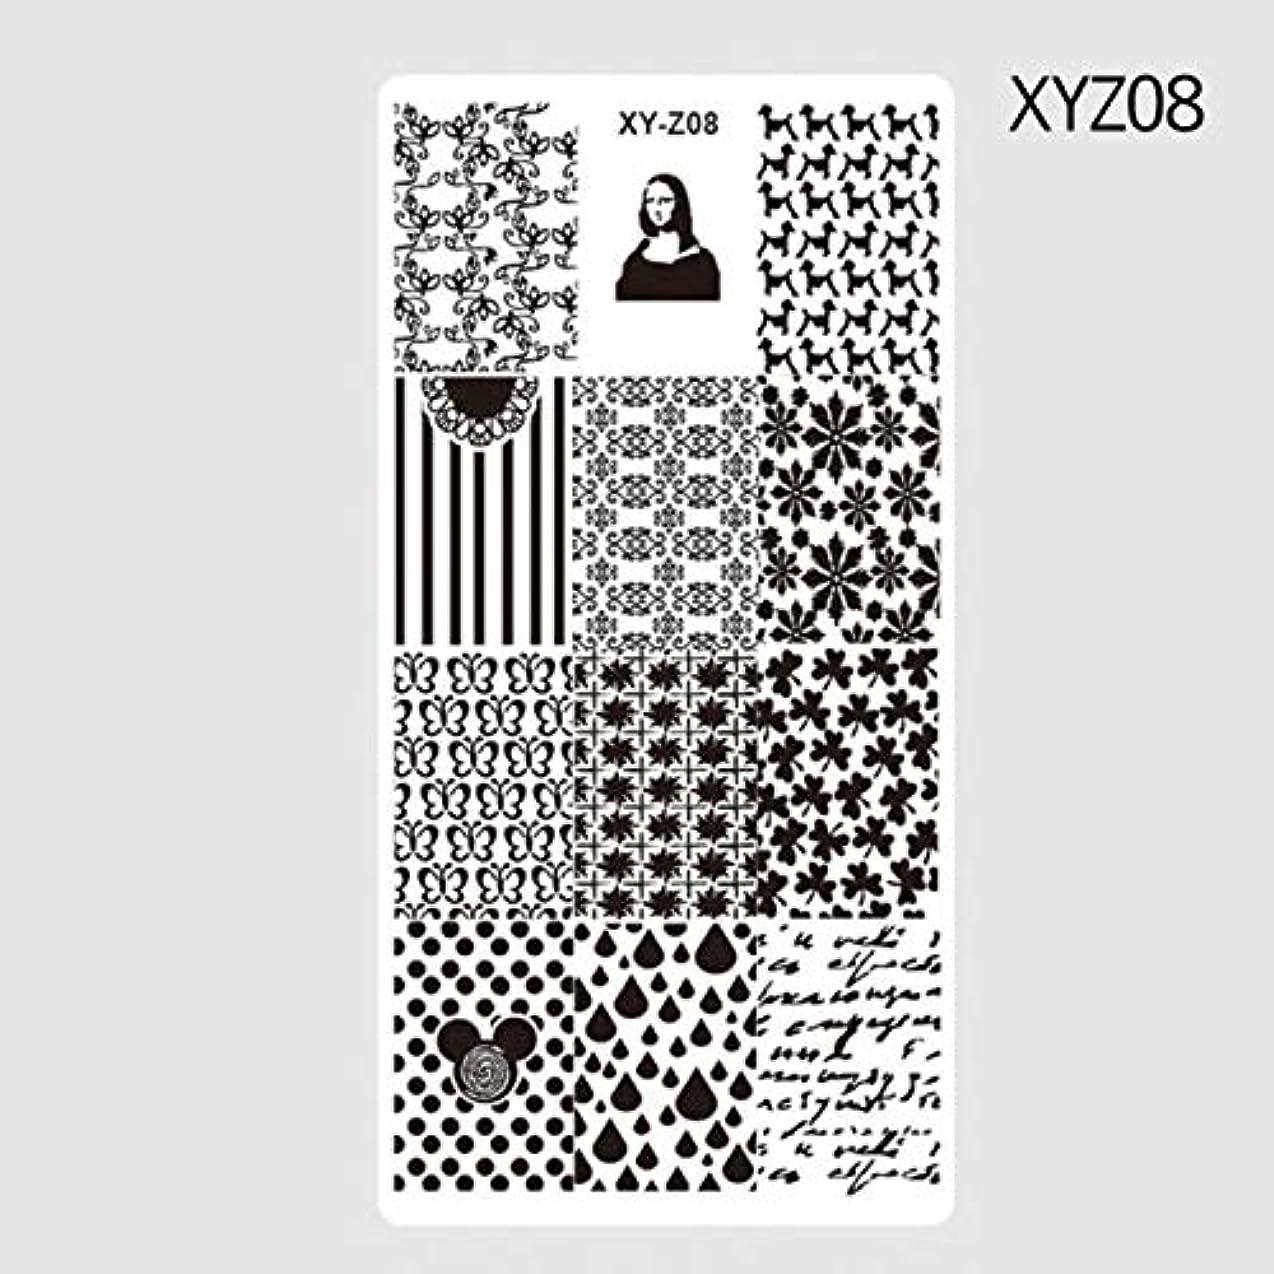 朝疑い者七時半CELINEZL CELINEZL 3 PCS長方形ネイルスタンピングテンプレート風車の花のパターンDIYネイルデザイン(XYZ01) (色 : XYZ08)